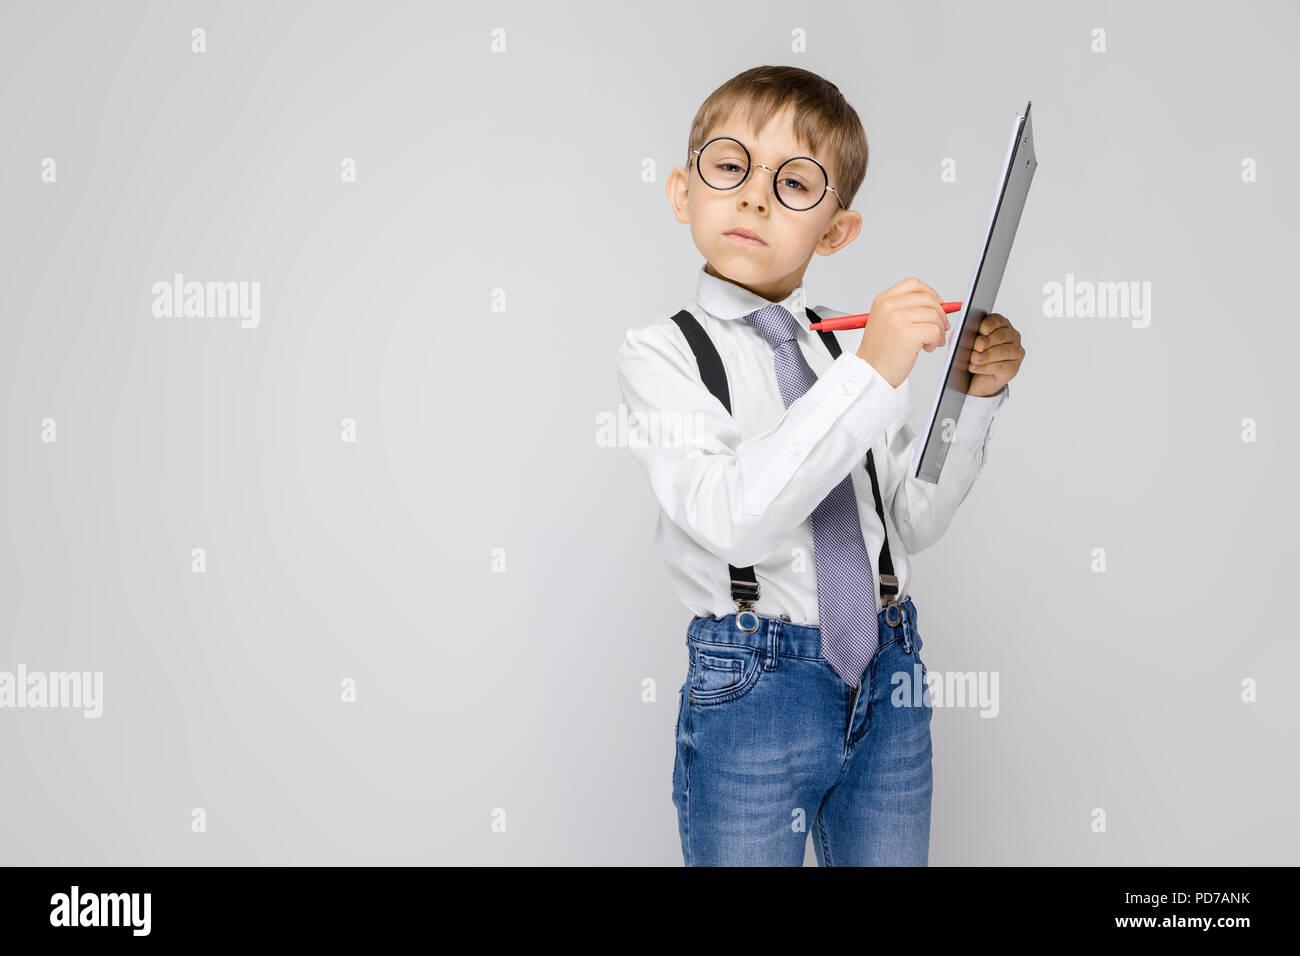 ff922d3c4 Un chico encantador en una camisa blanca